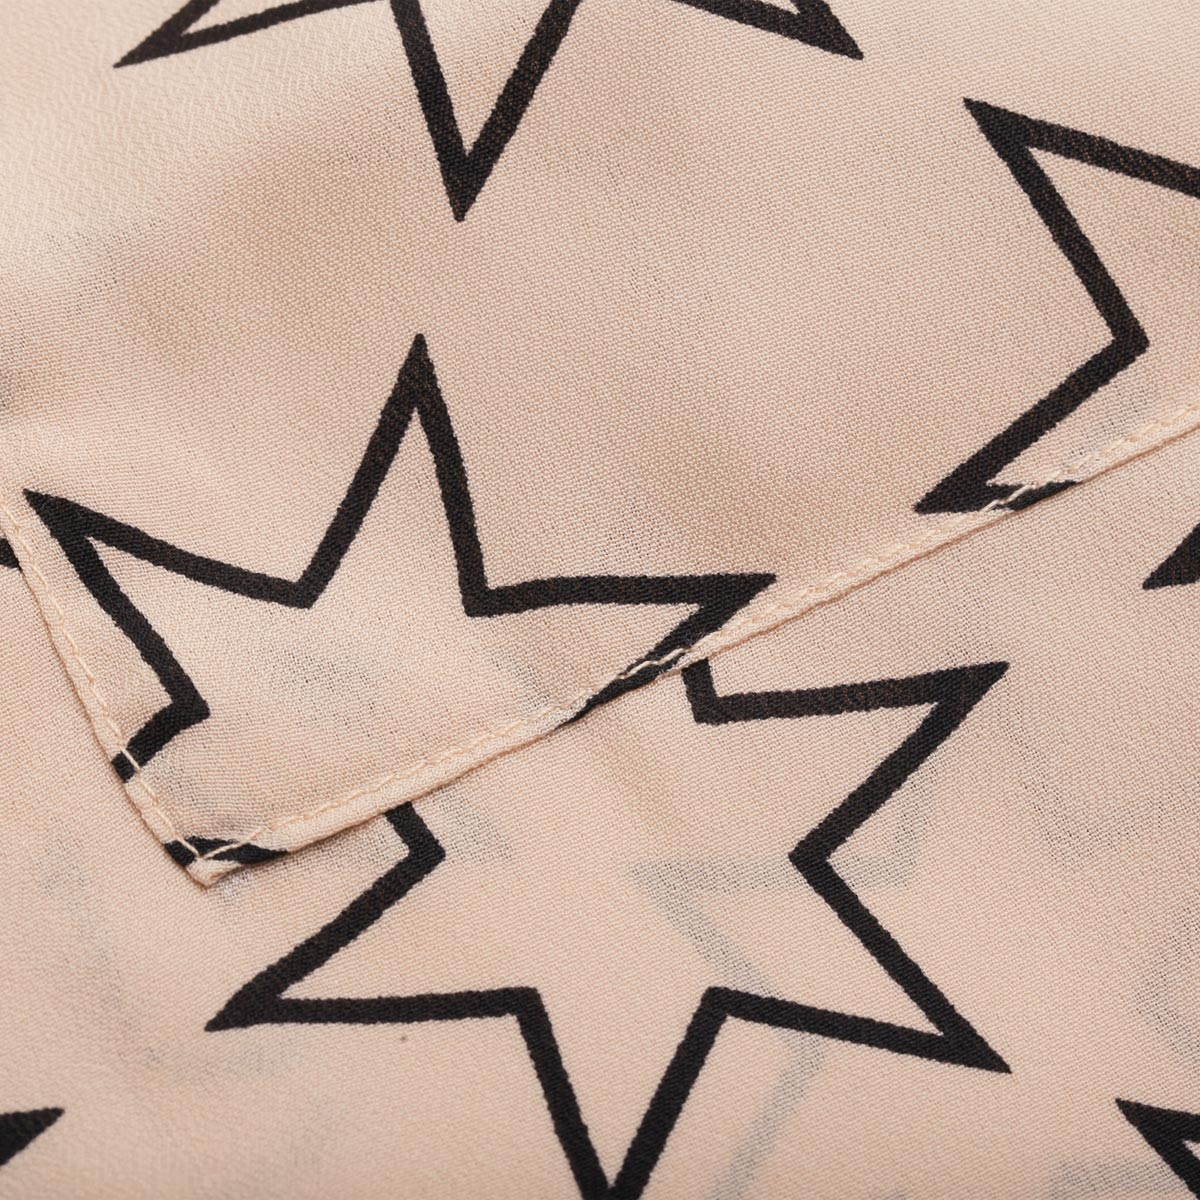 женская рубашка Lunalimited cs00267 LUNA Милый Длинный рукав Разный дизайн Осень 2012